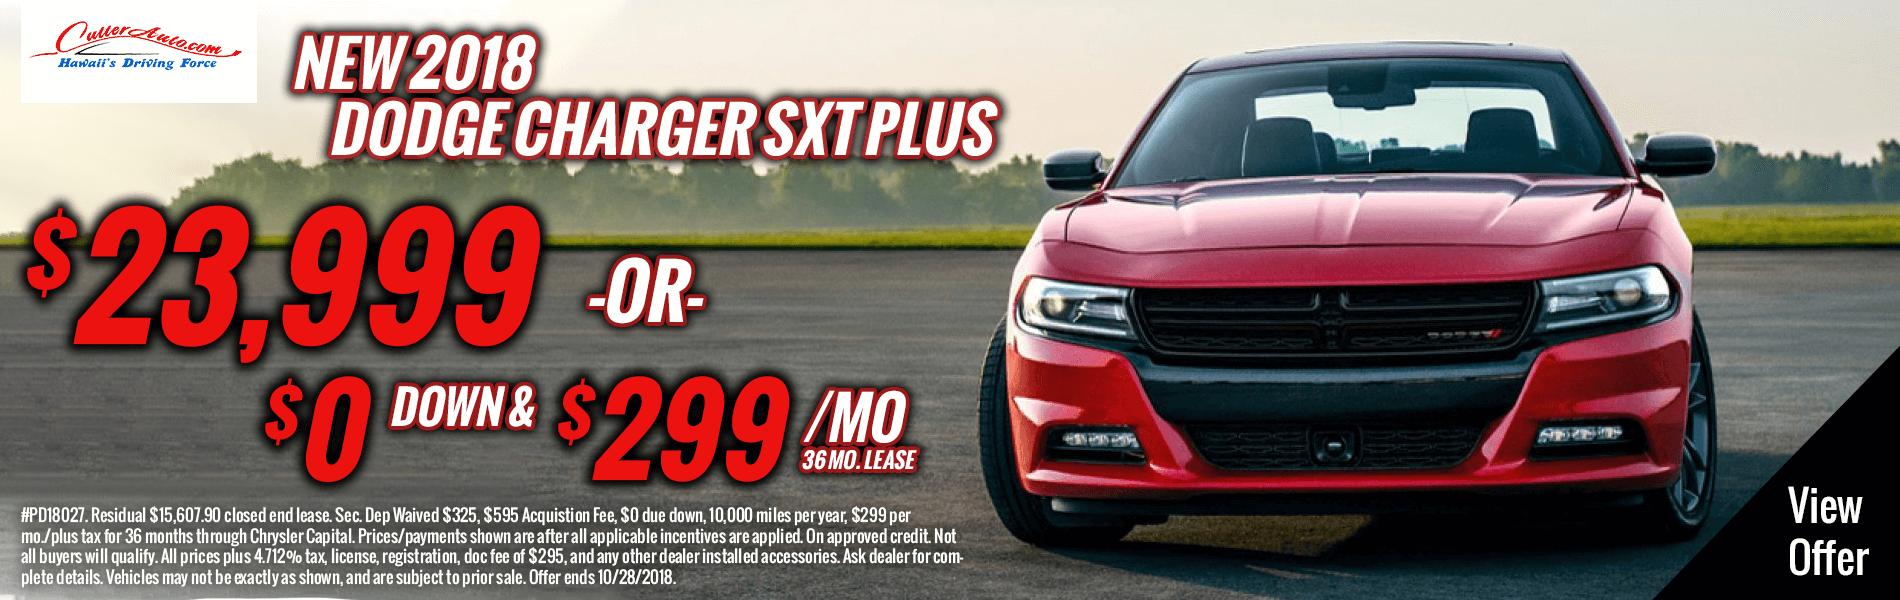 New 2018 Dodge Charger SXT Plus